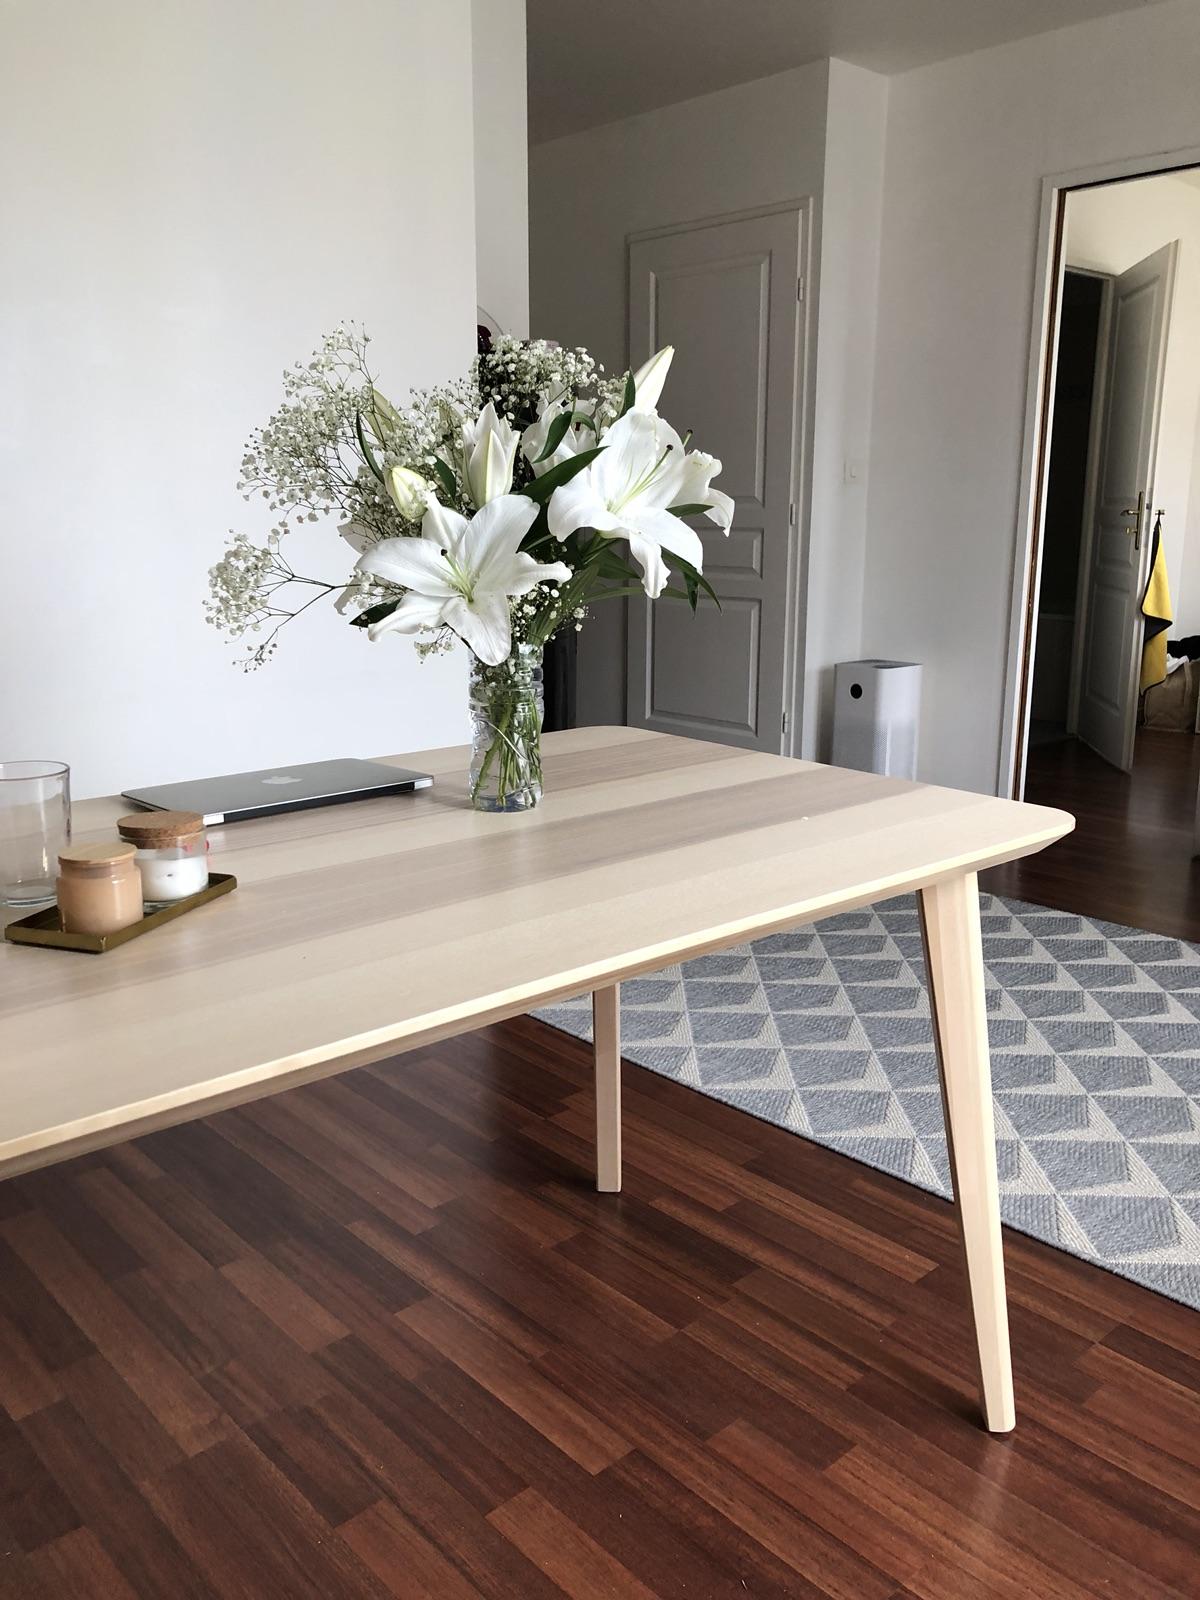 宜家新桌子VS古董旧桌子